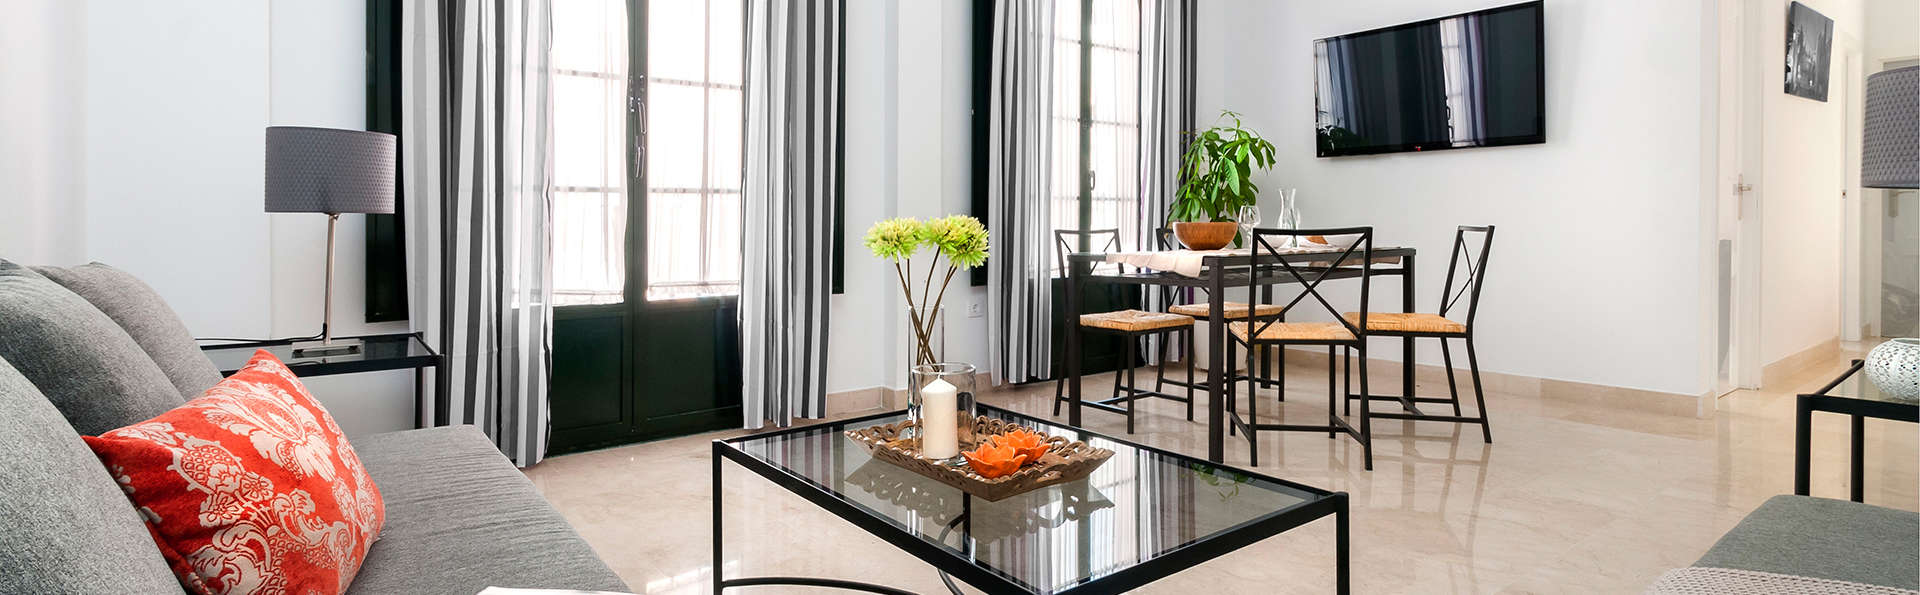 Découvrez Séville dans un appartement en plein centre-ville avec séjour enfant gratuit